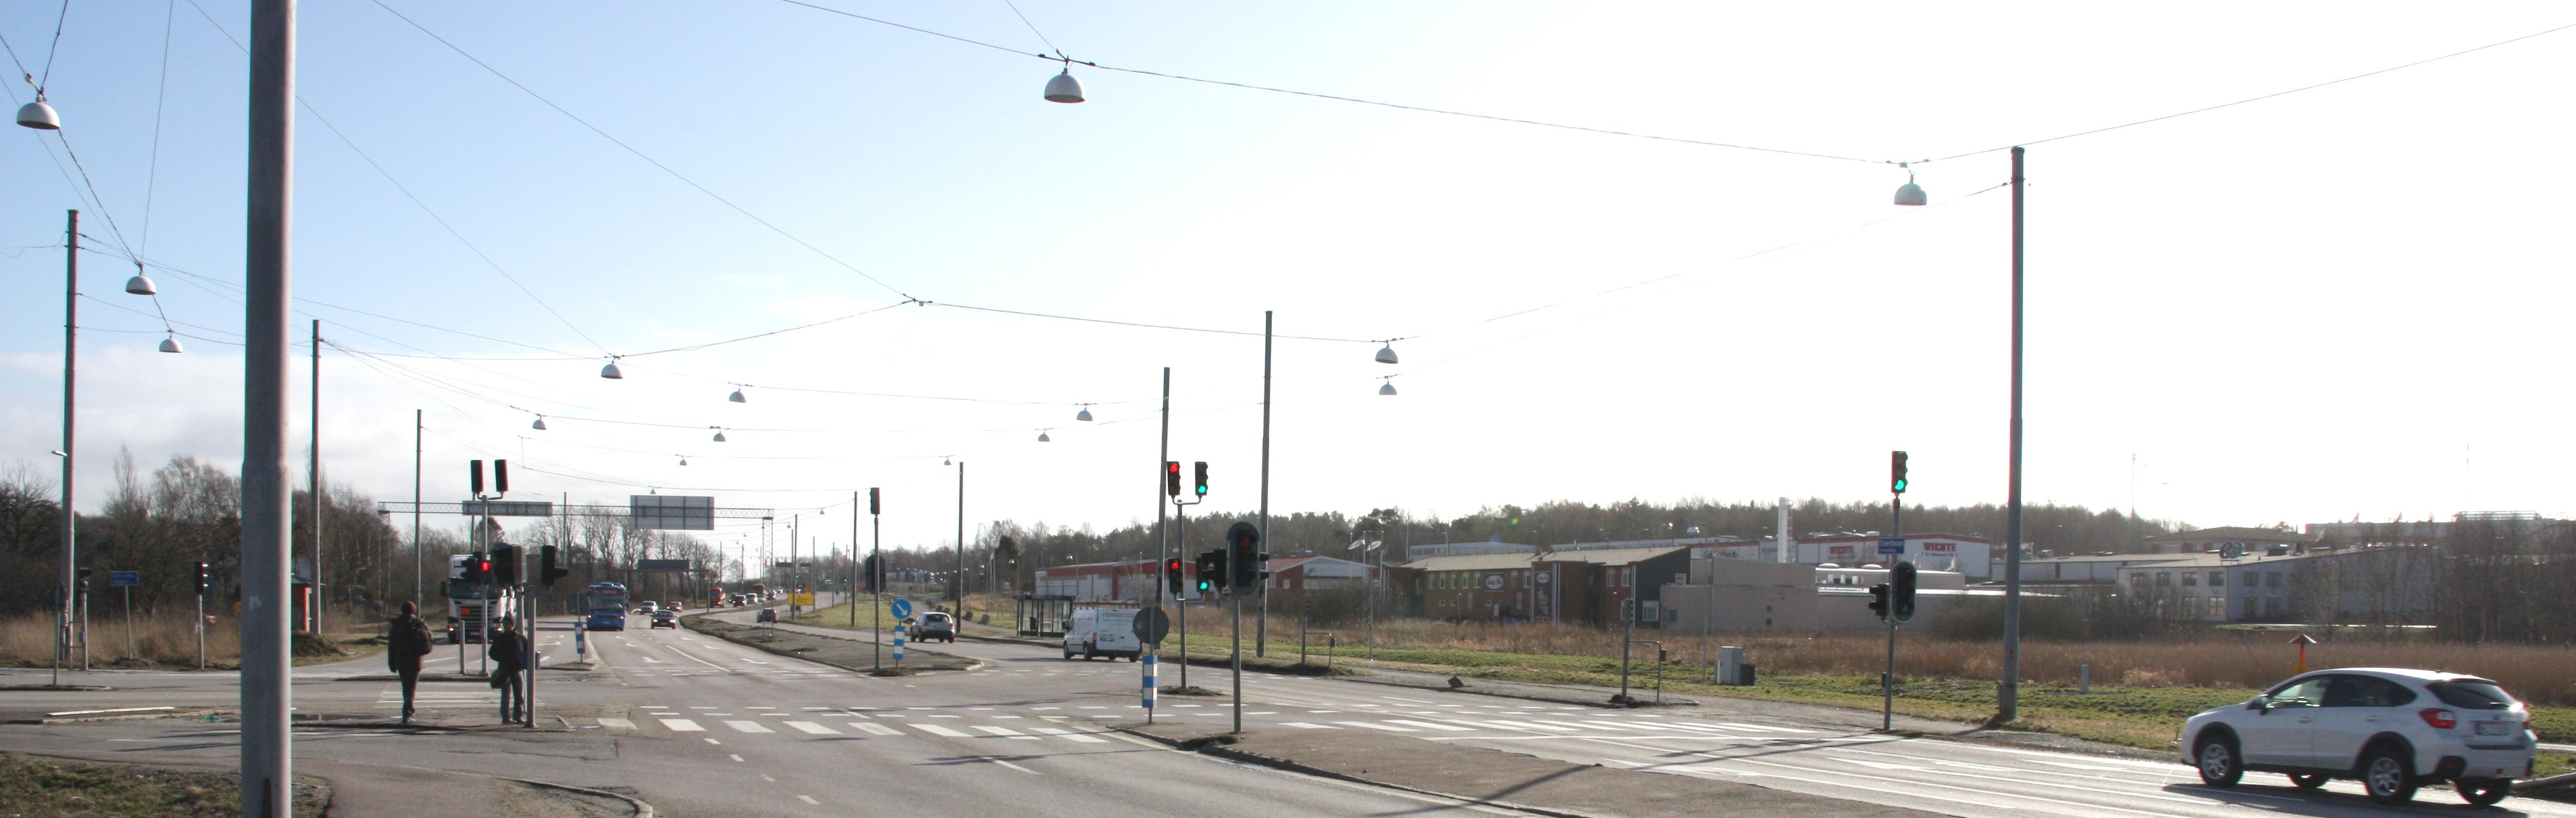 Sörredsmotet_Bild Trafikverket